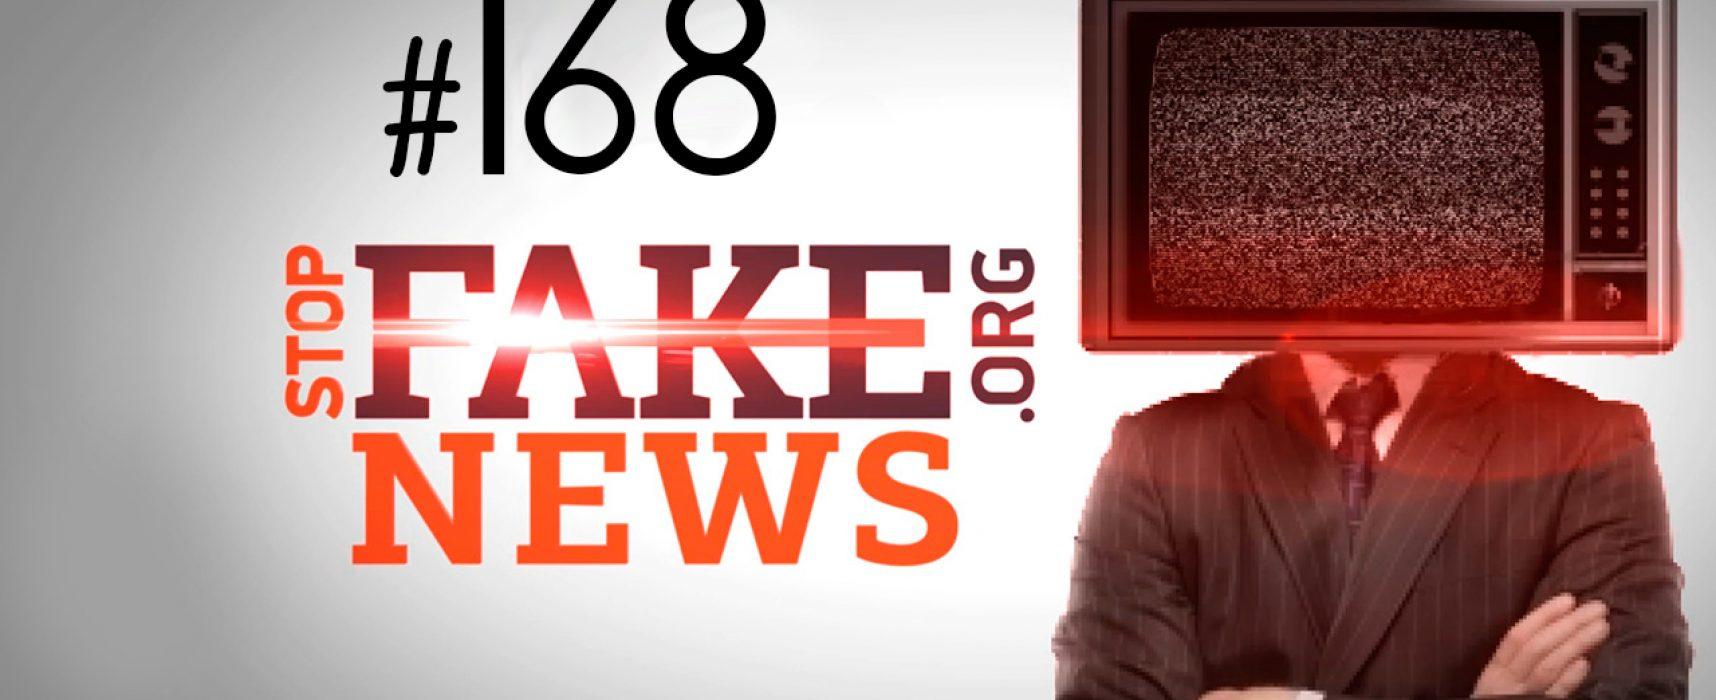 Украина «засохнет», перекрыв воду Крыму? — StopFakeNews #168